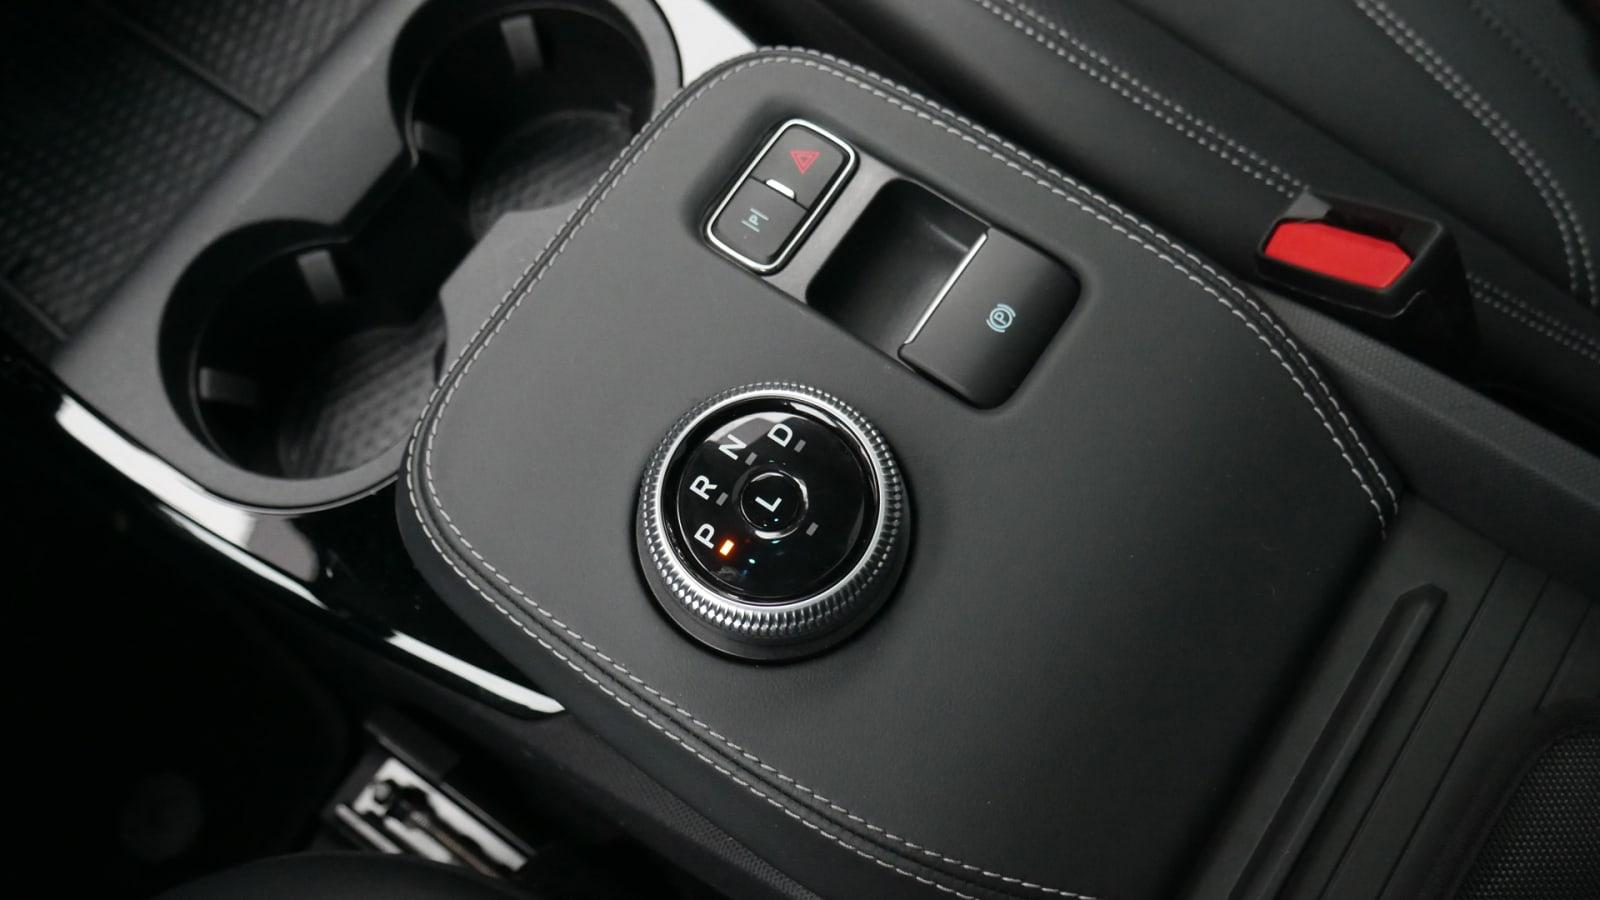 Autohersteller müssen aufhören, Dinge neu zu erfinden, die bereits funktionieren€